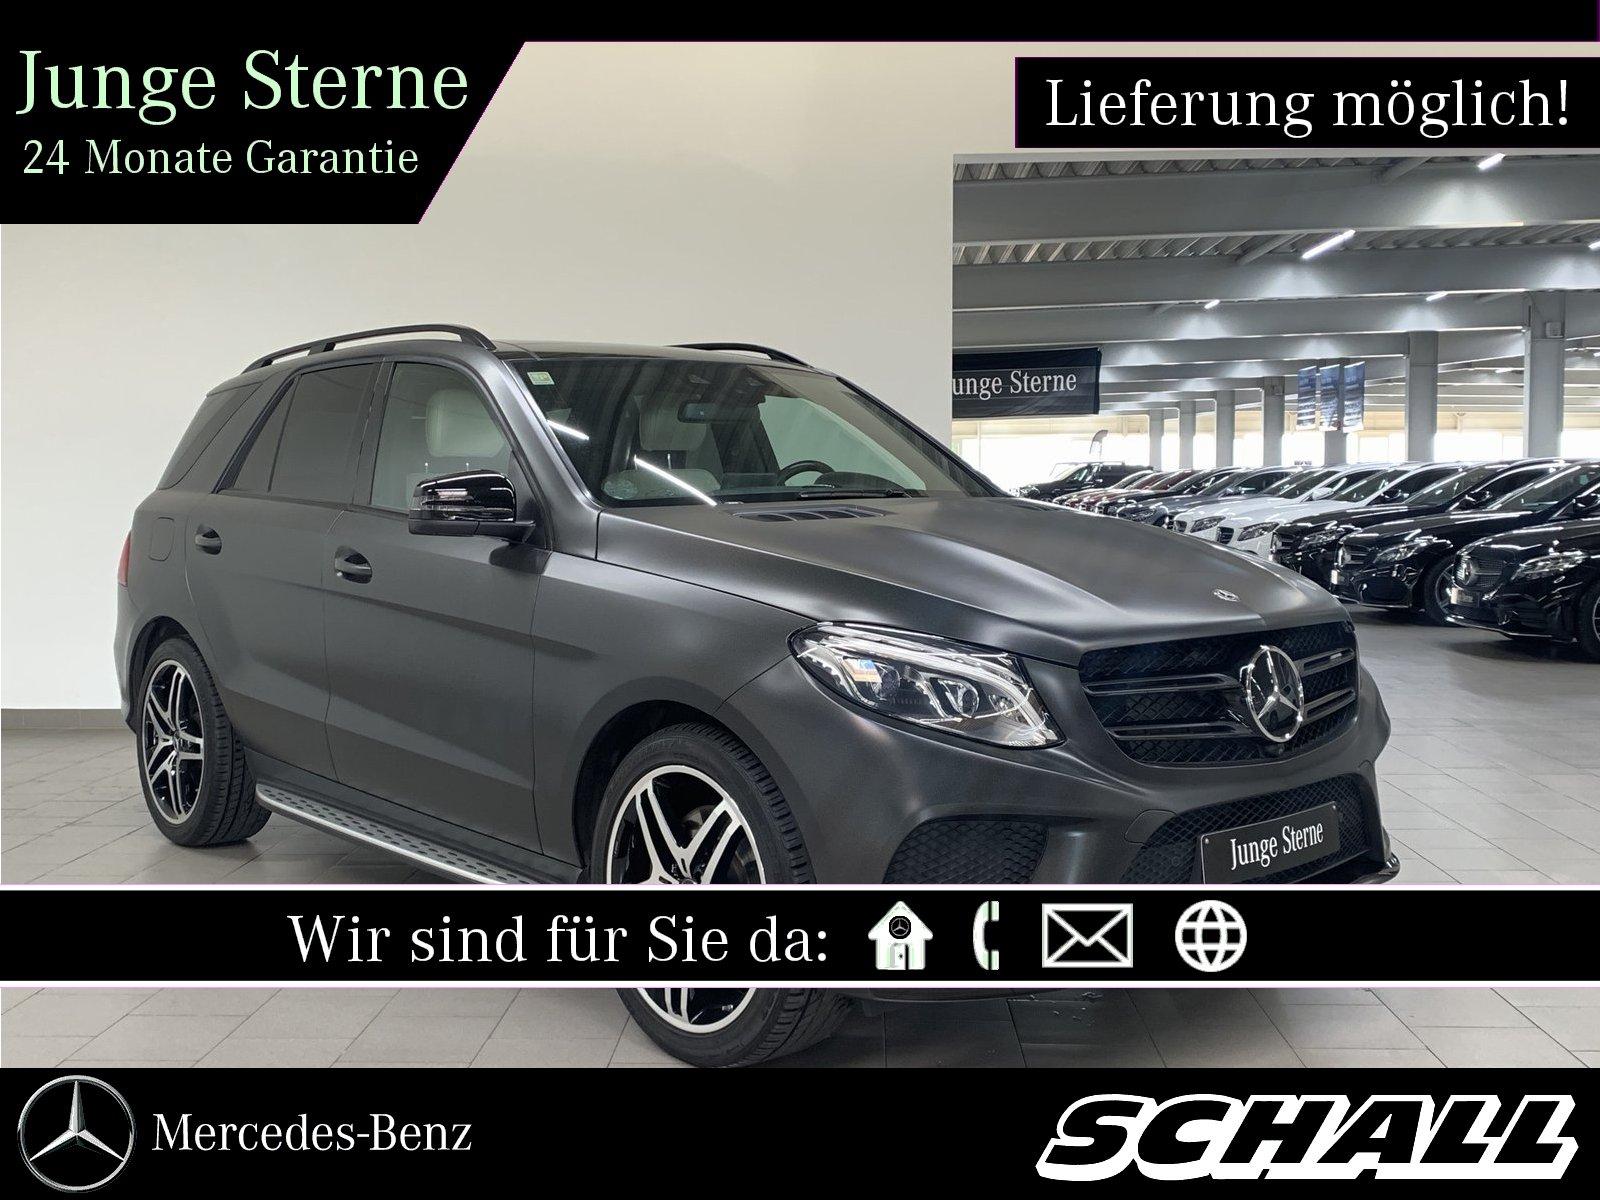 """Mercedes-Benz GLE 43 AMG 4M PANO+DISTR+AHK+21""""AMG+STANDHZ+AIR, Jahr 2017, petrol"""